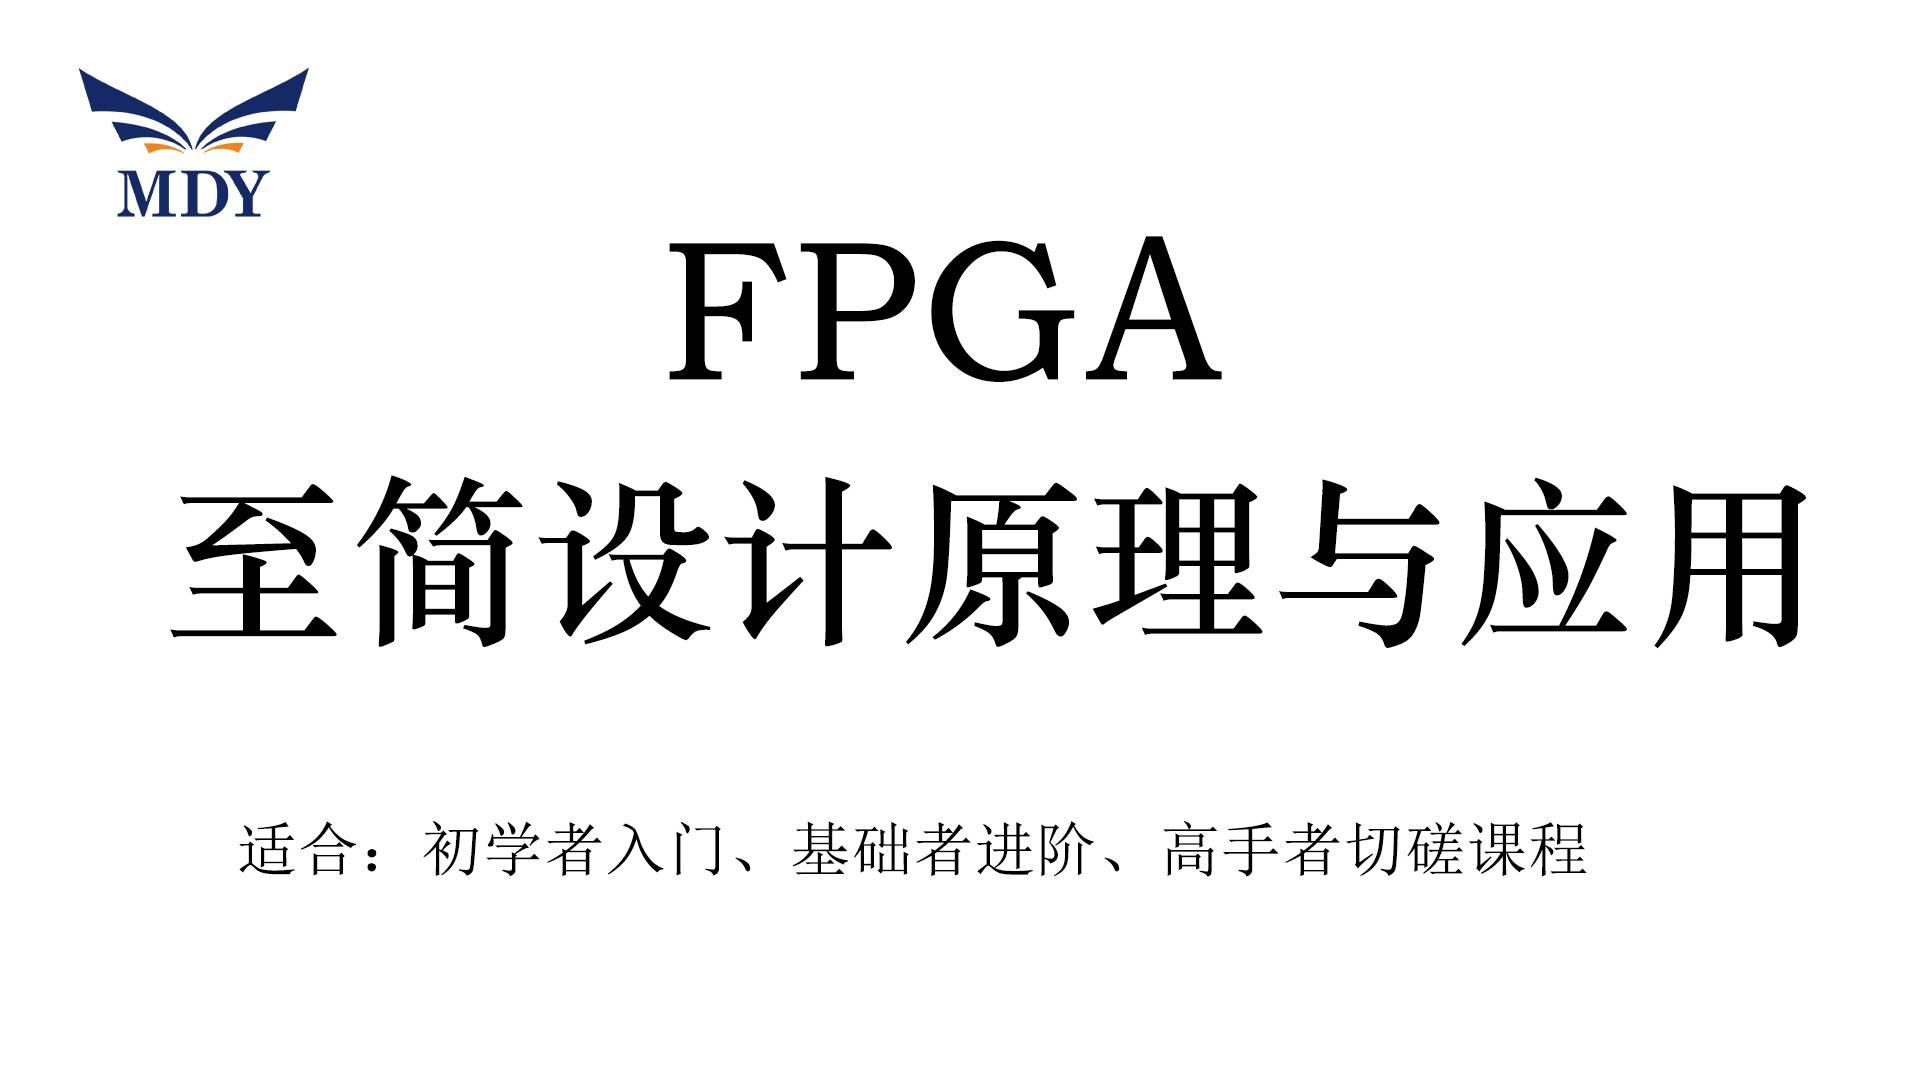 小白速学FPGA设计初学到入门明德扬【FPGA至简设计原理与应用】